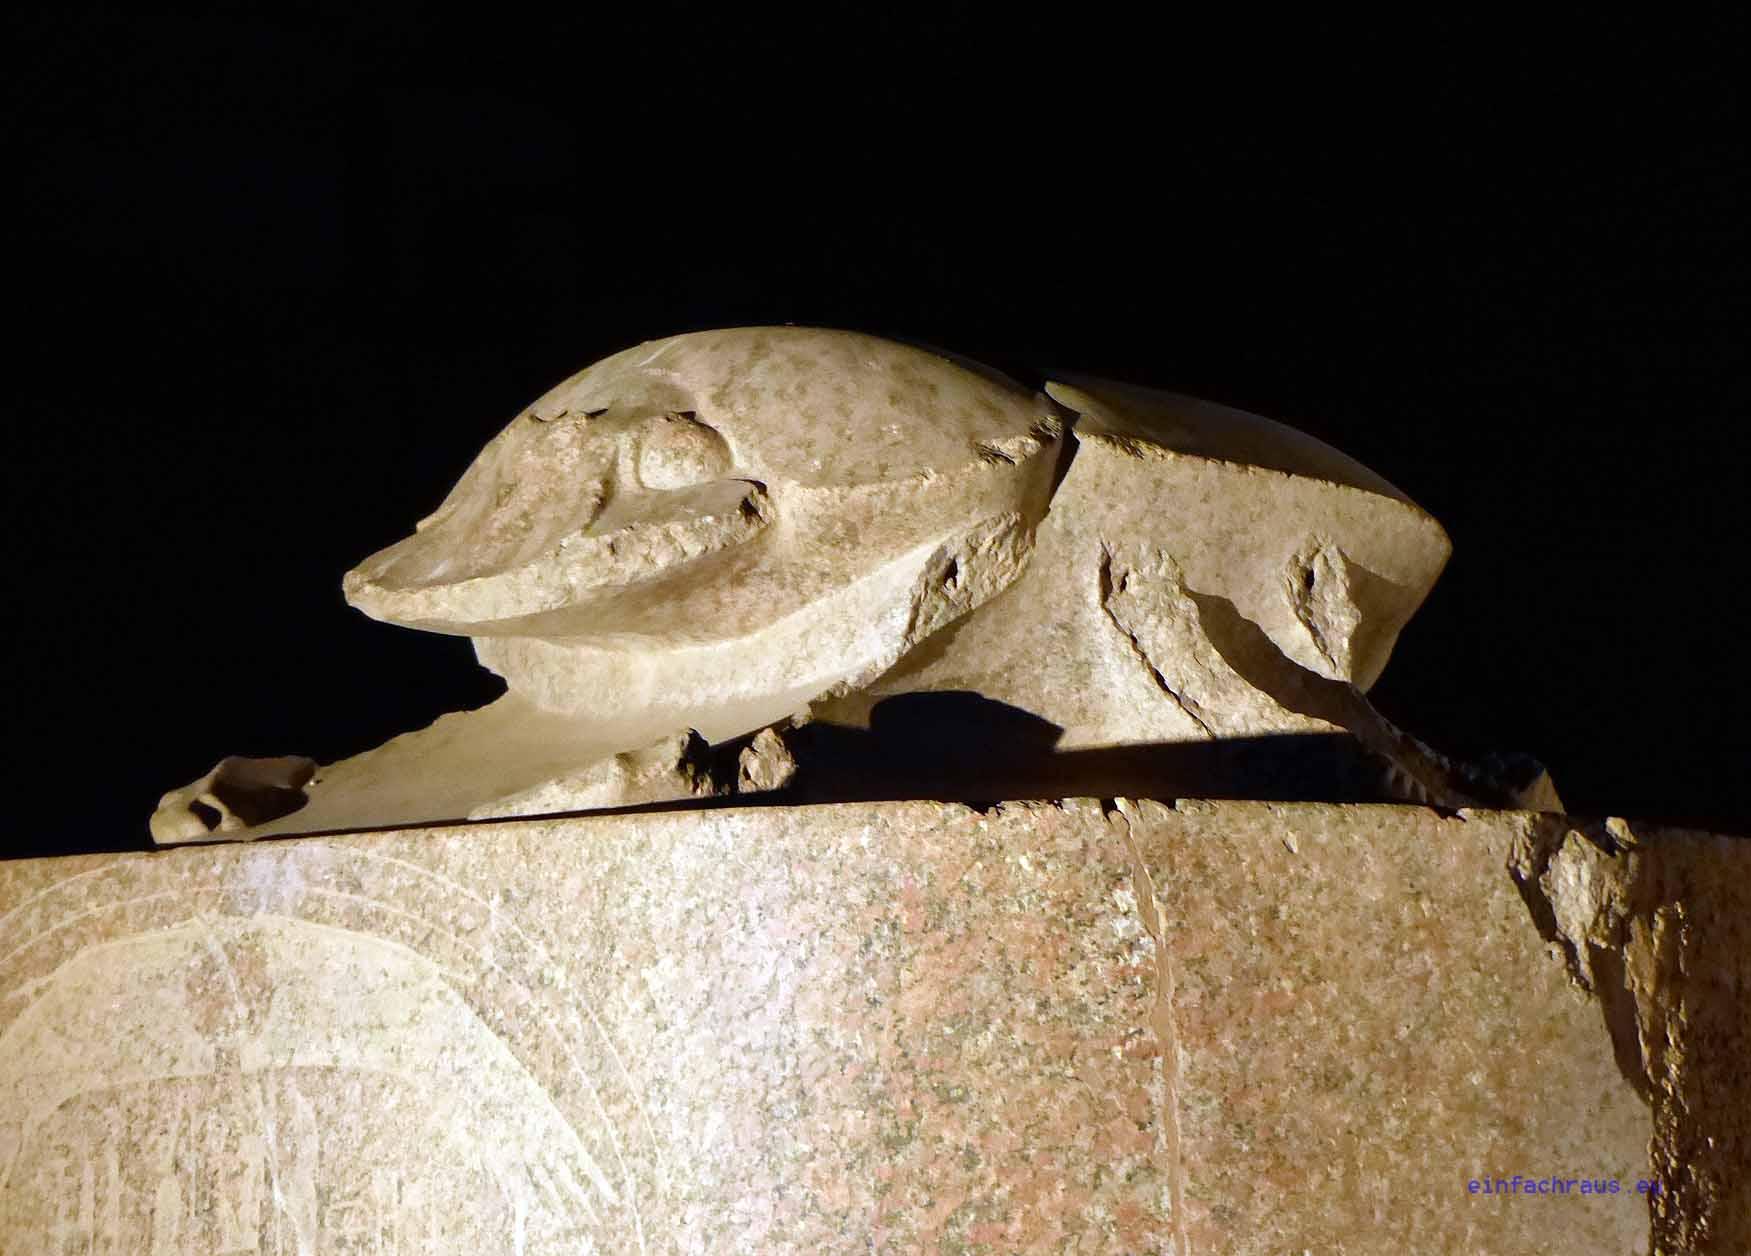 Auf einem Sockel befindet sich der Skarabäus. Den Ägyptern war der Mistkäfer heilig und brachte daher Glück. Foto: Weirauch